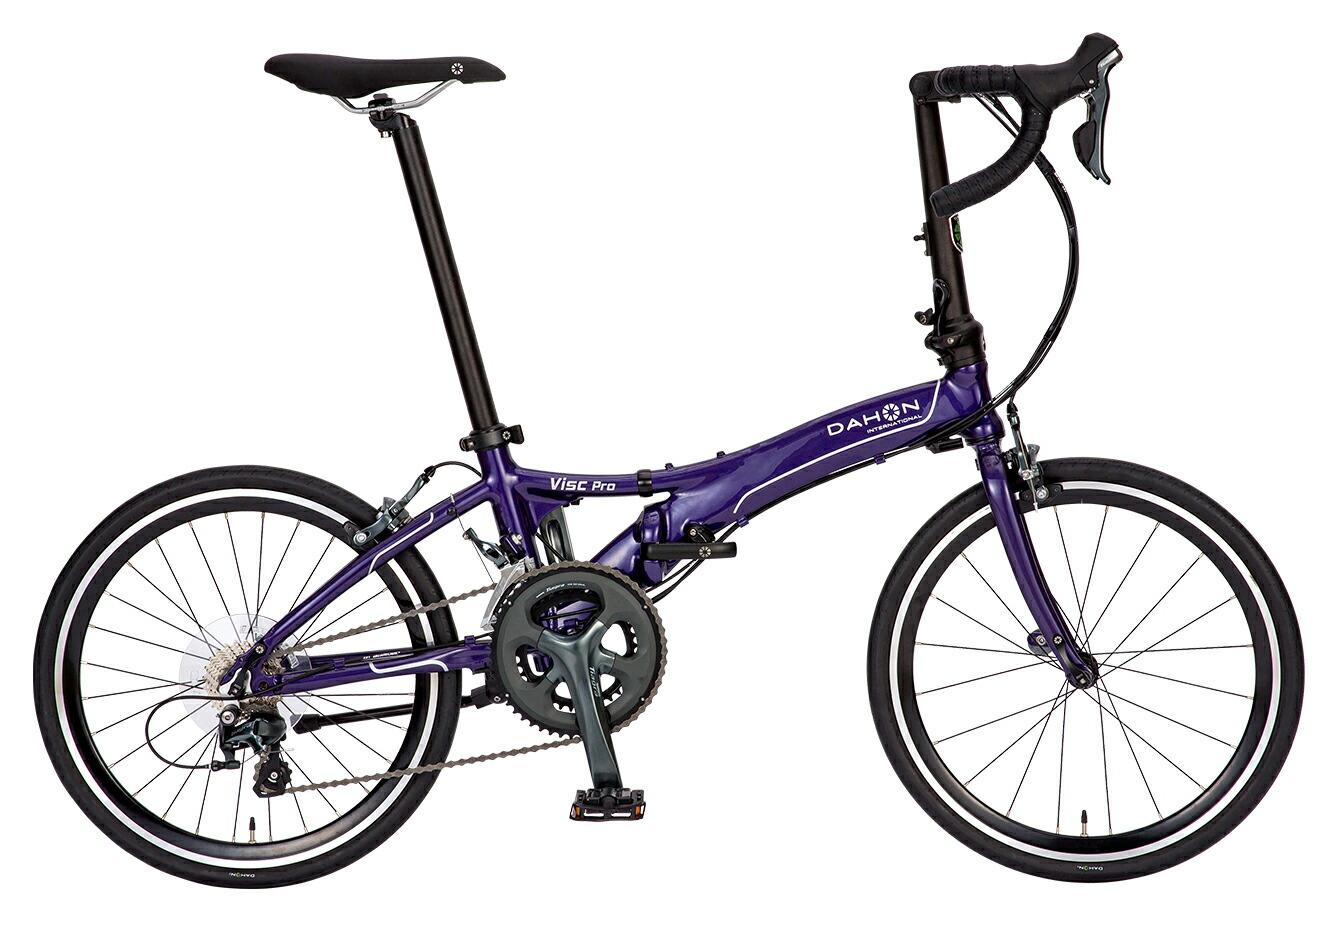 折りたたみ自転車 Visc Pro ダホン 自転車 20インチ 折りたたみ 20段変速ギア ヴィスク プロ Fog Purple フォグパープル ギア付 通販 おしゃれ